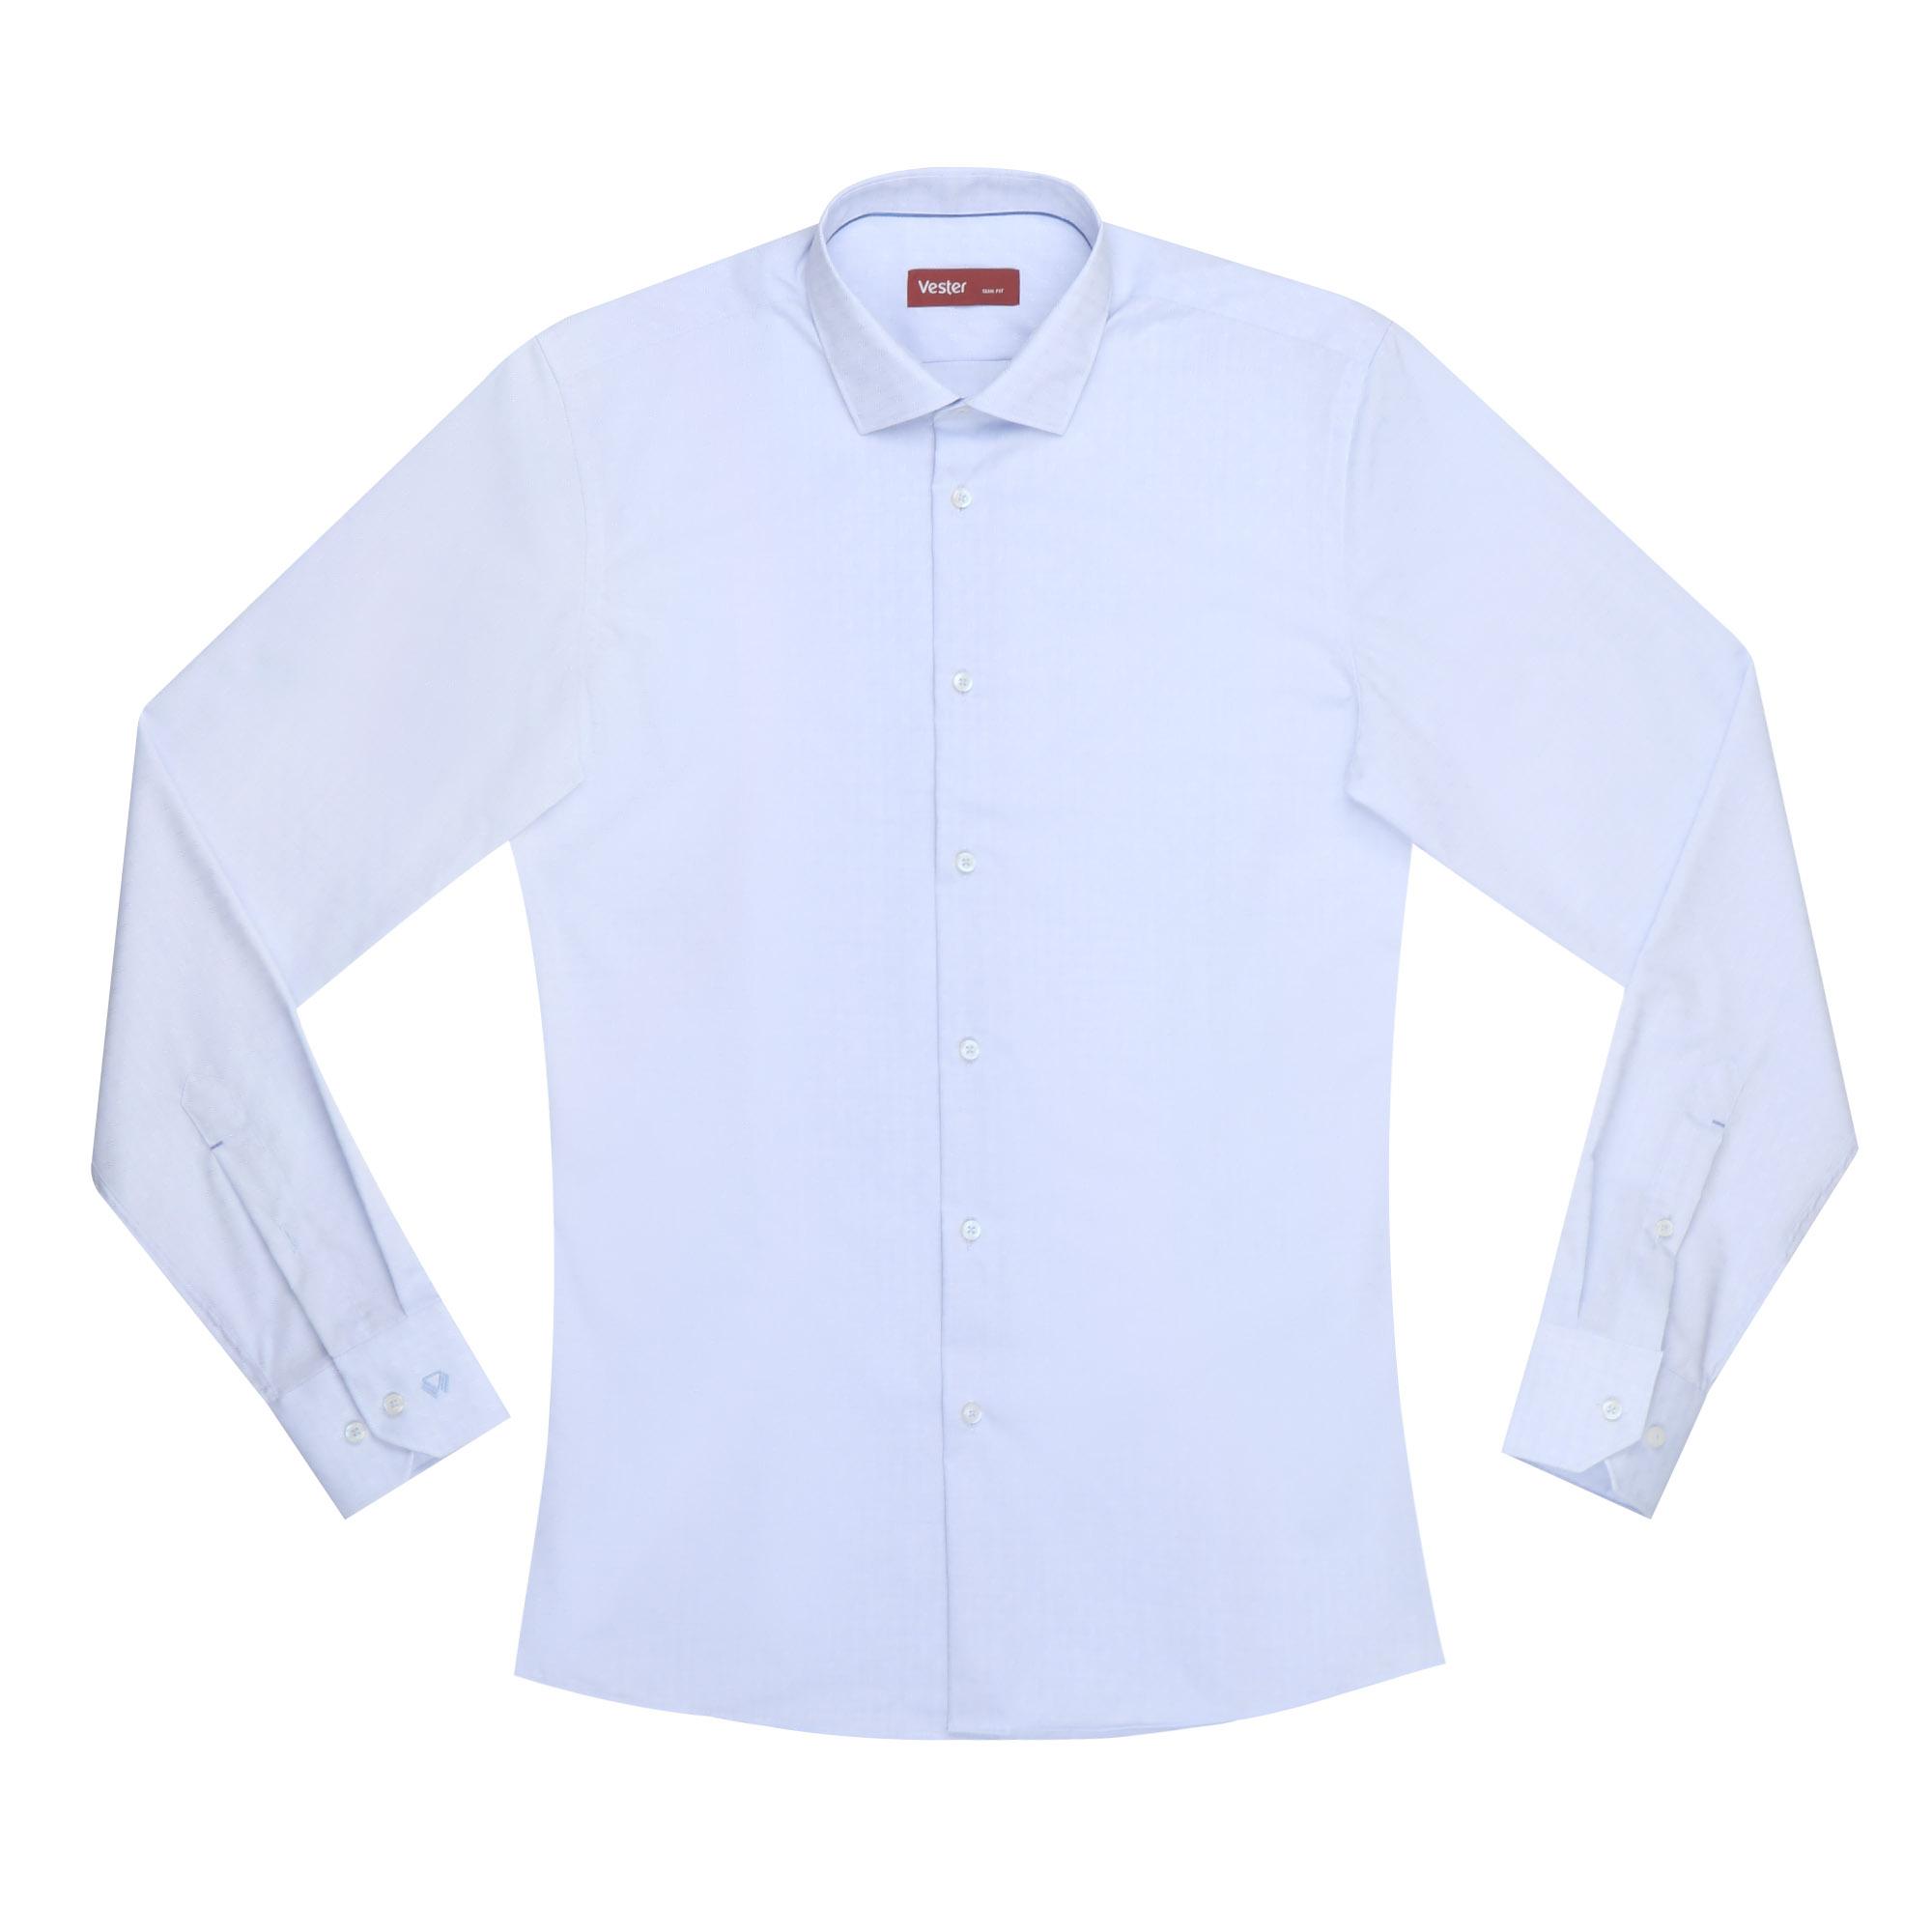 Сорочка мужская Vester 18816 голубая 39S 176-182 сорочка мужская vester 43с 182 188 небесно голубая